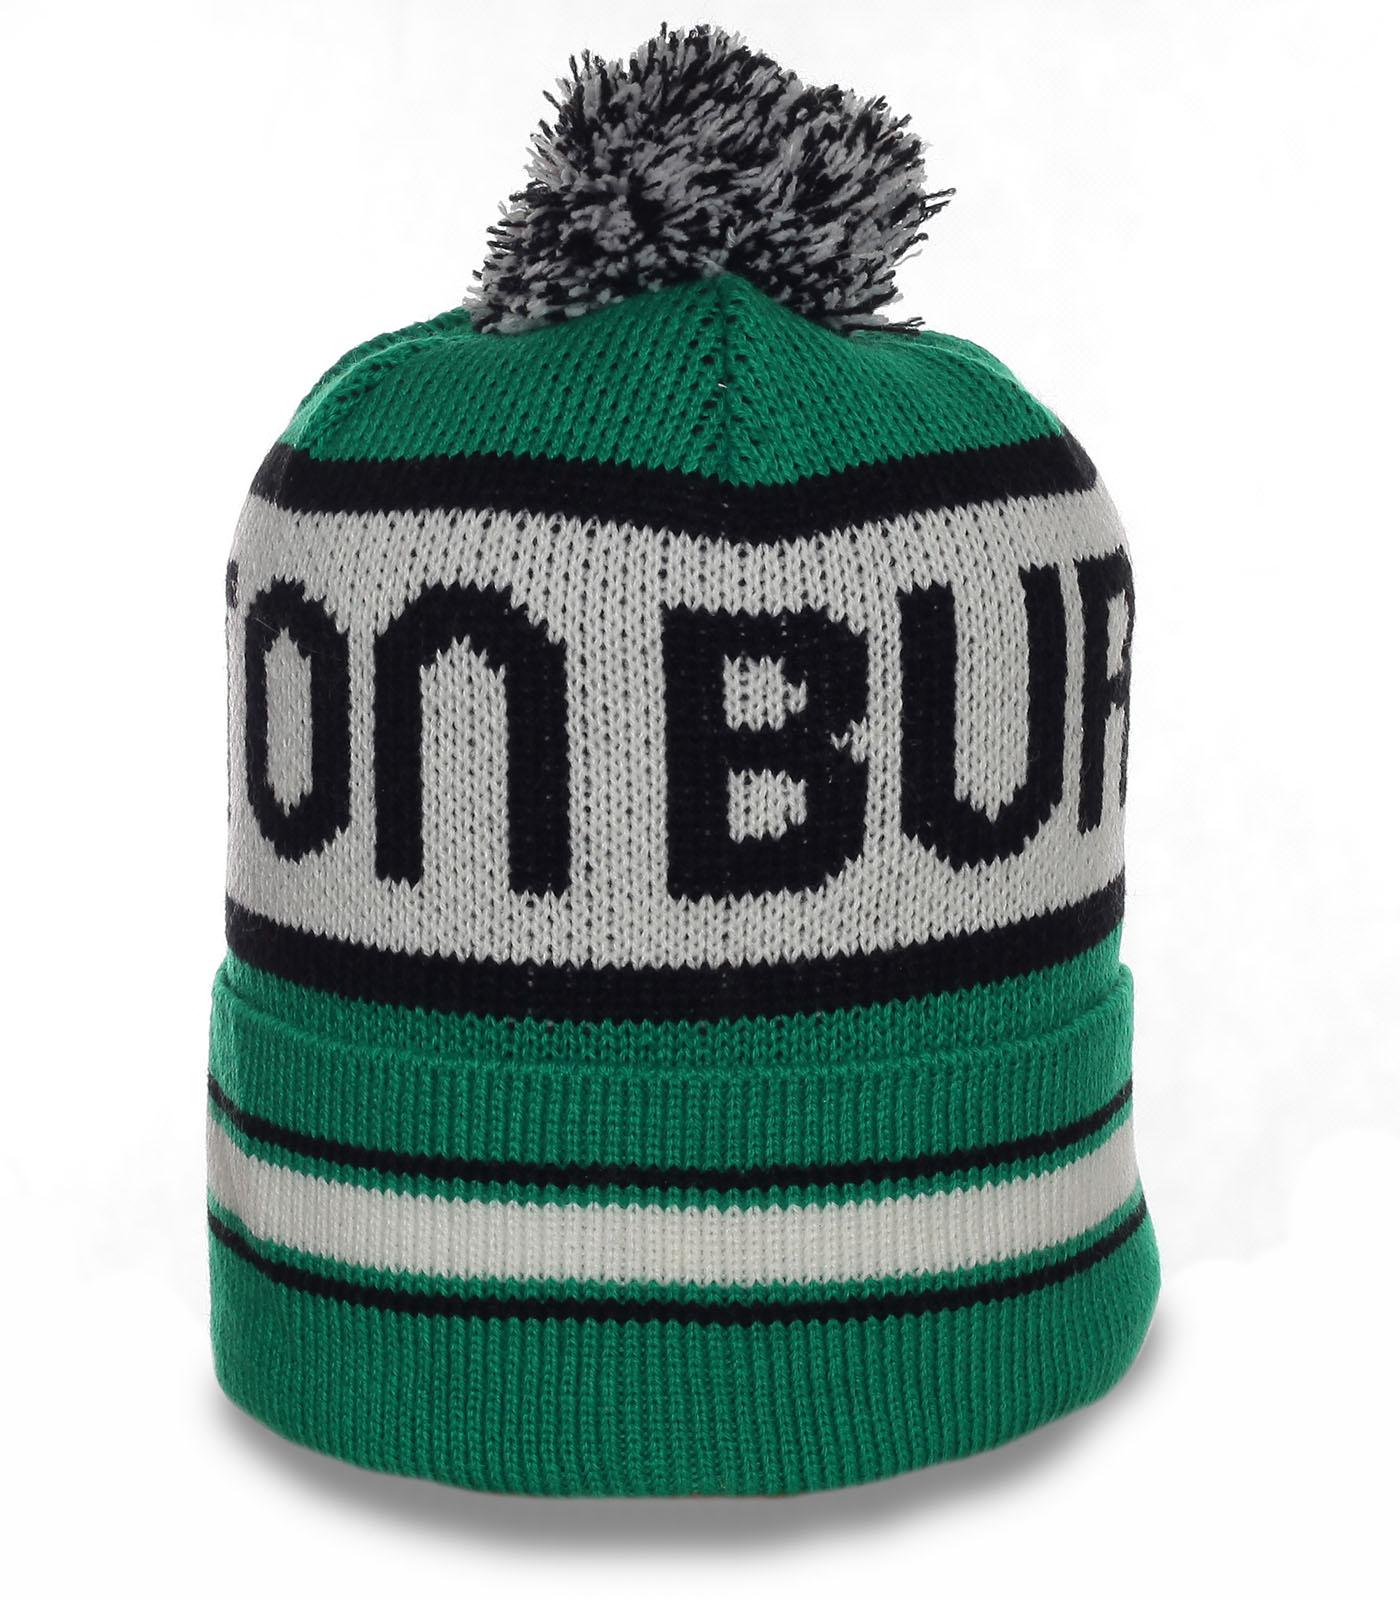 Молодежная шапка отменного качества солидного бренда Burton достойный аксессуар для спорта